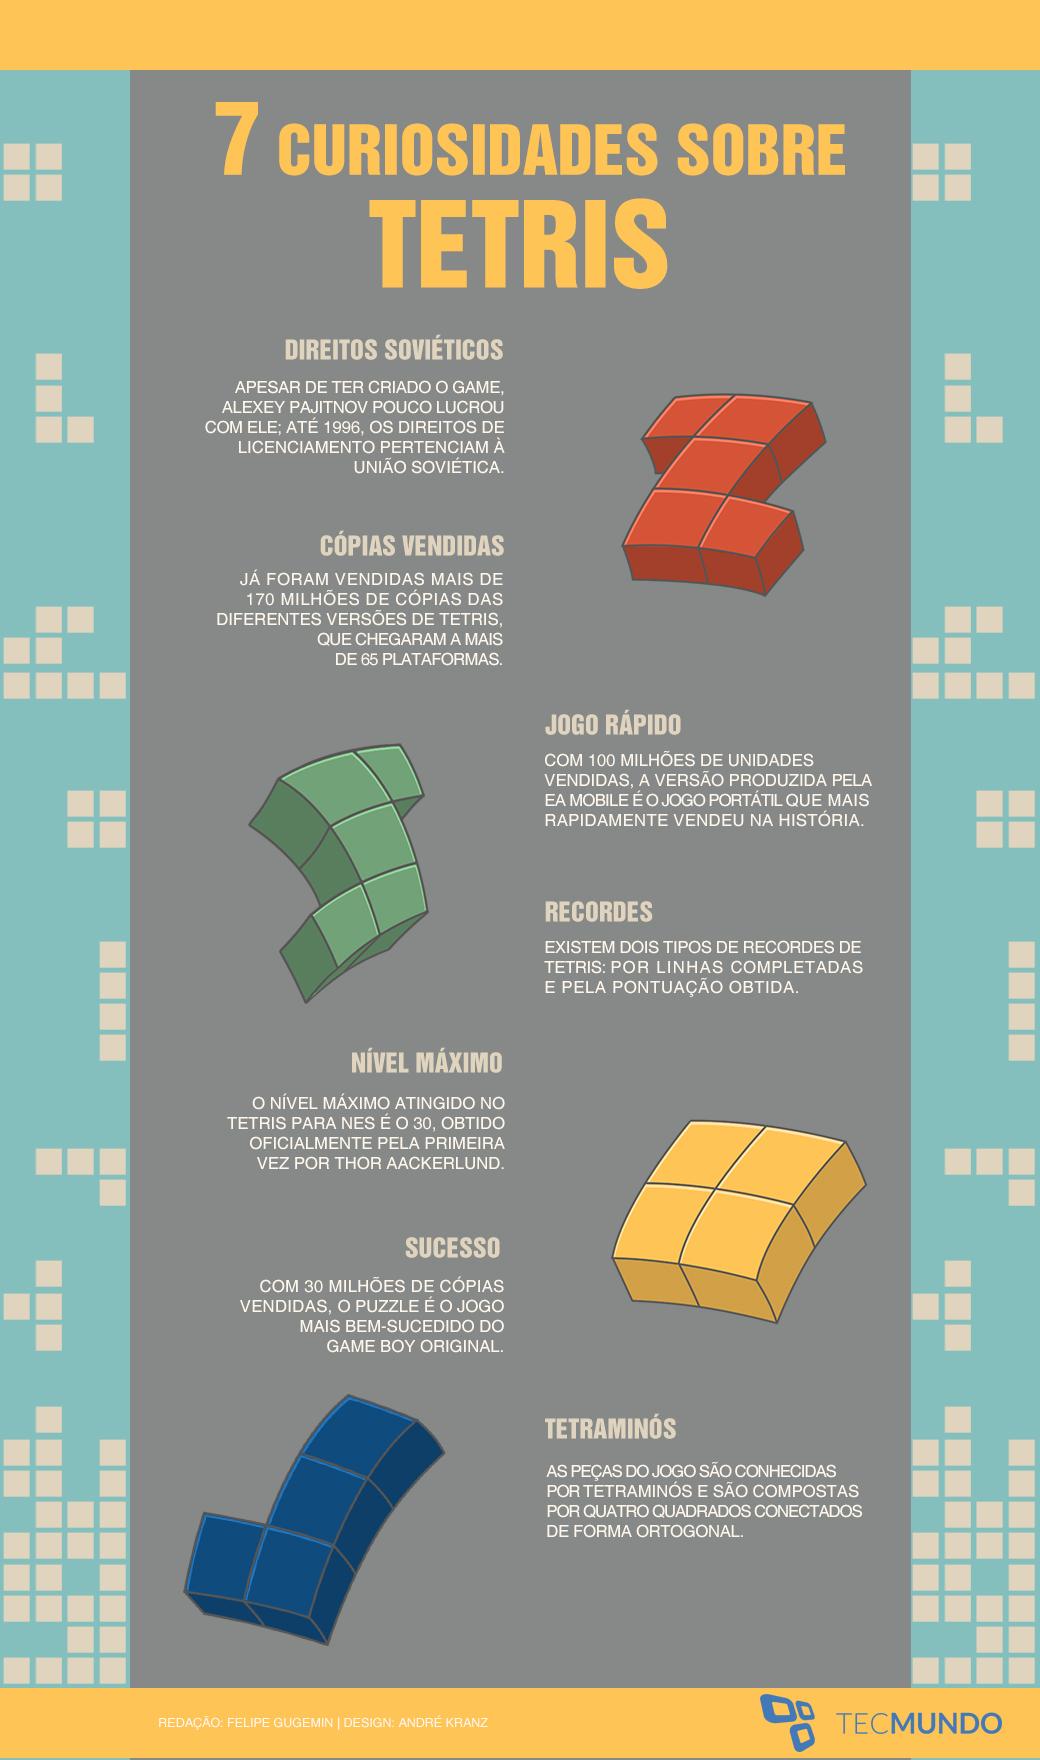 Tetris: clássico comemora 30 anos desafiando seu raciocínio [ilustração]